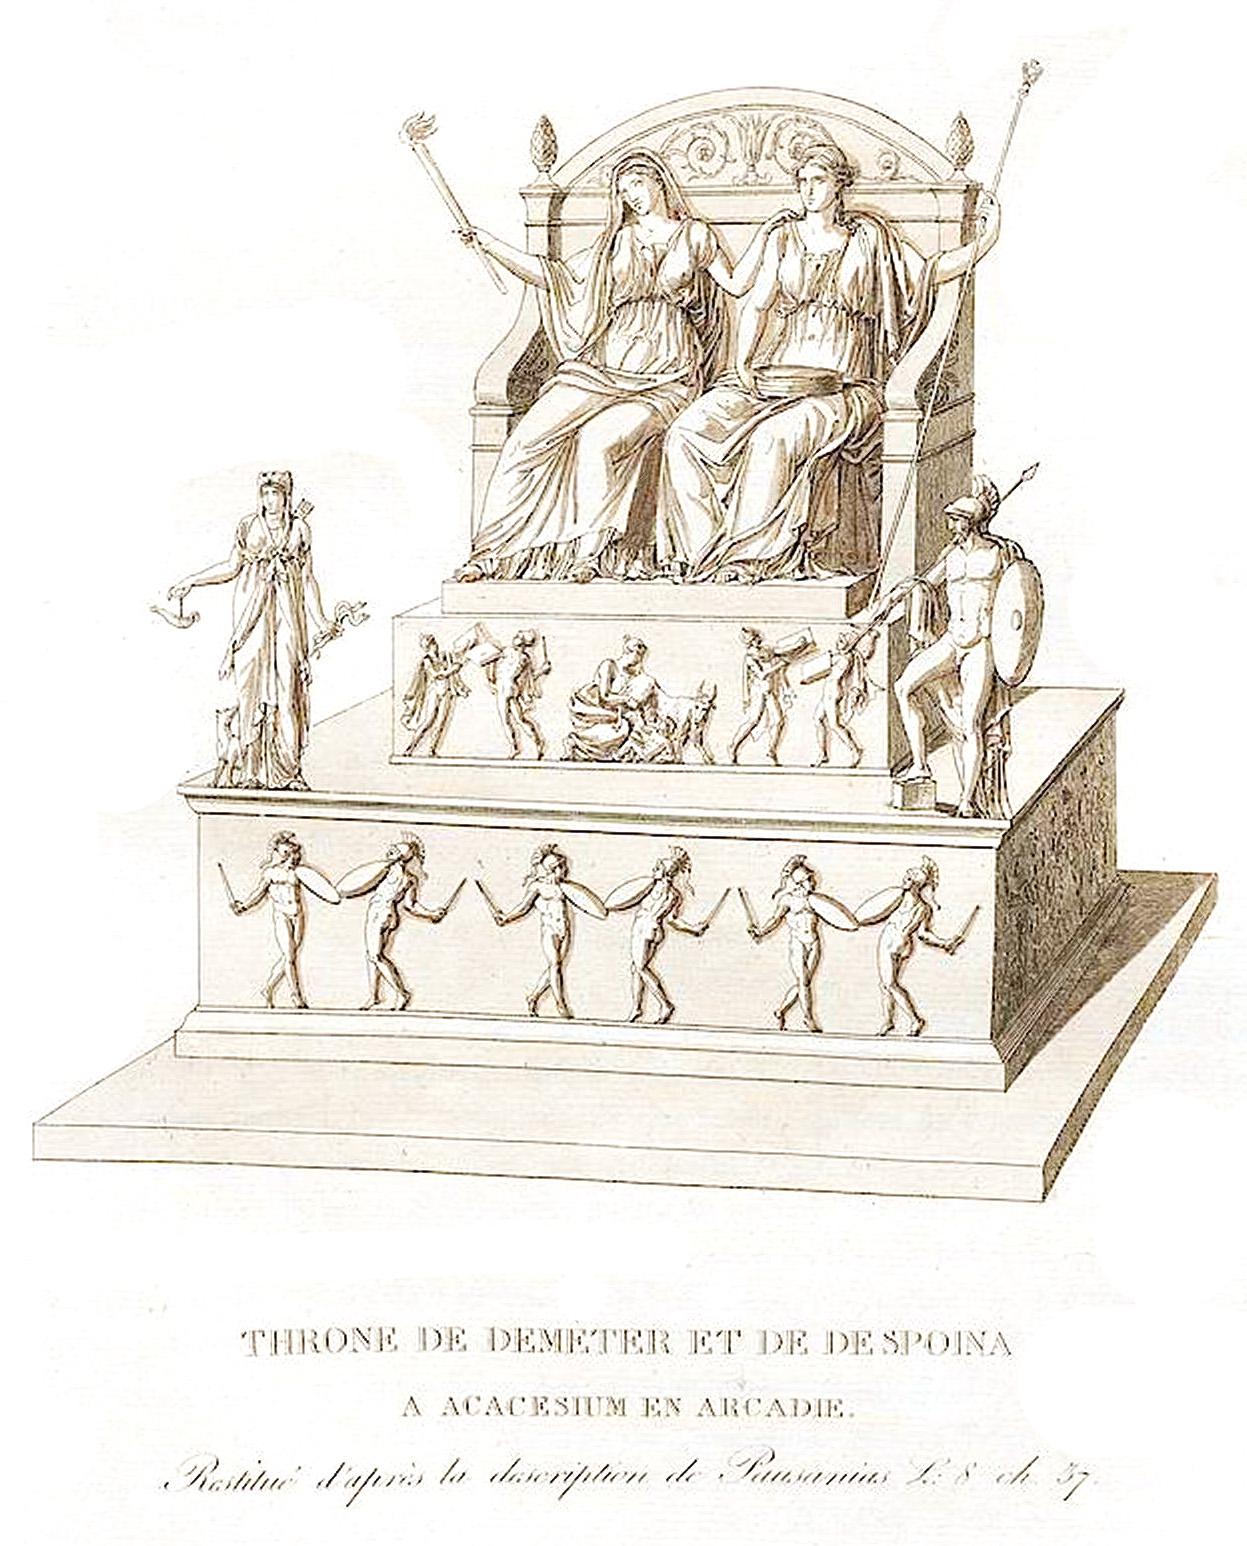 21. Трон Деметры и  Деспины в Acacesium близ Аркадии Trone de Dameter et de Despoina a Acacesium, en Arcadie